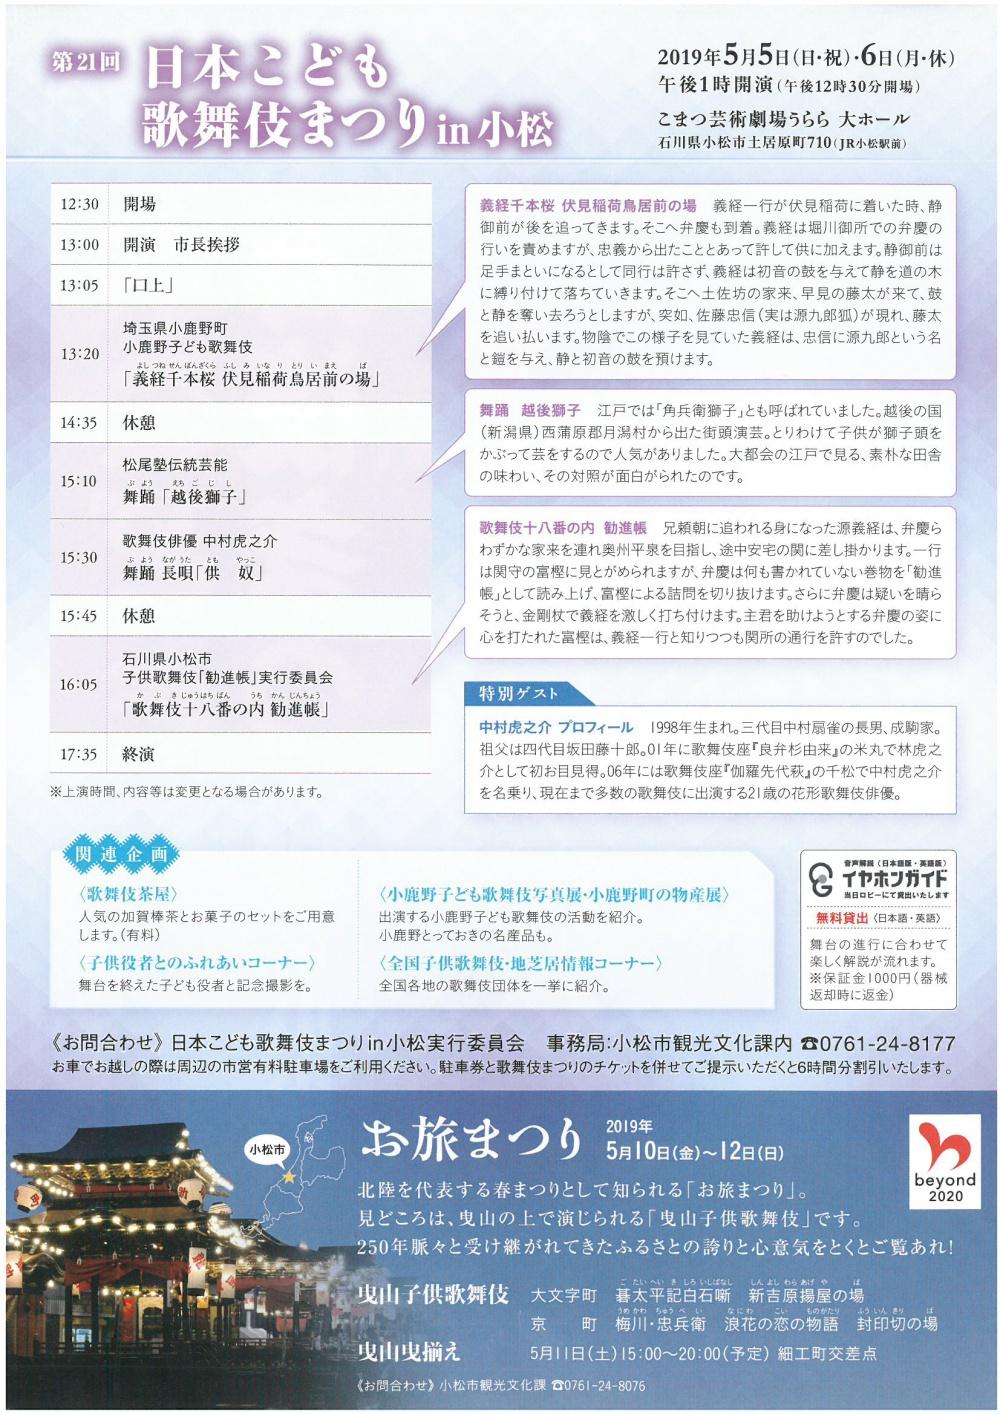 イベント】5月5日(日・祝)、6日(月・休)に日本こども歌舞伎まつり ...